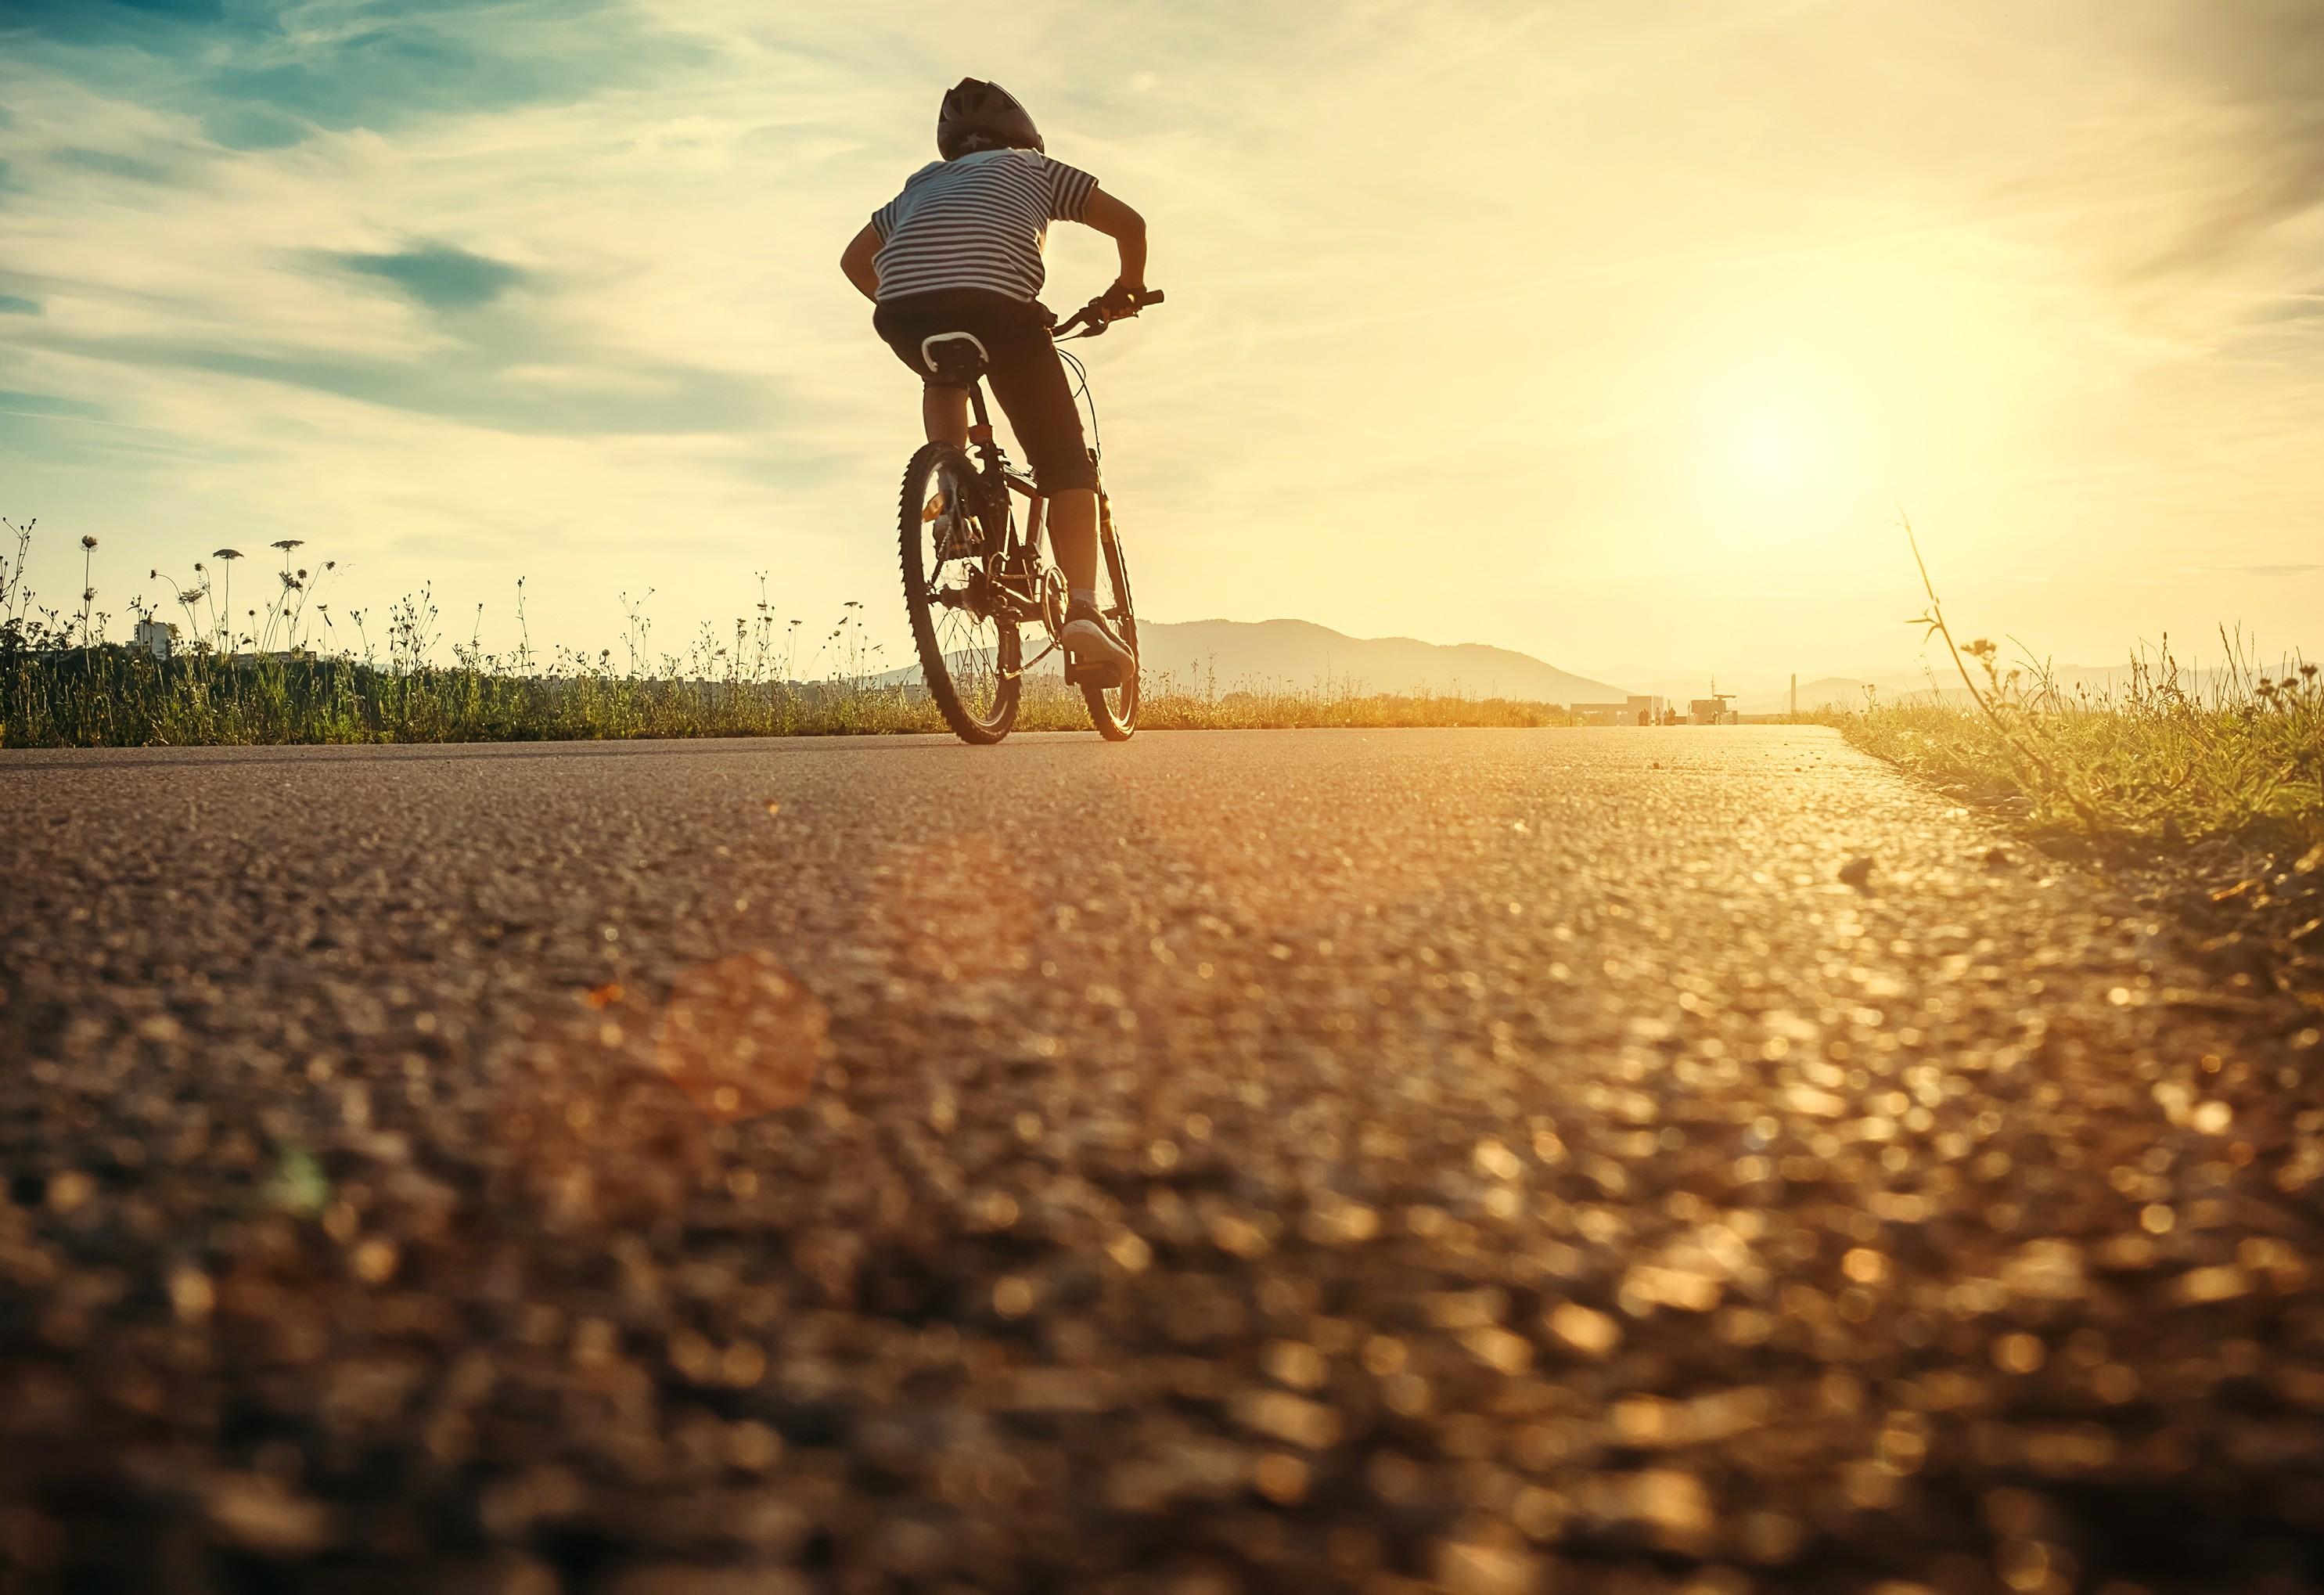 A cidade oferece bicicletas às crianças que conseguem convencer um parente a largar o cigarro (Foto: Thinkstock)